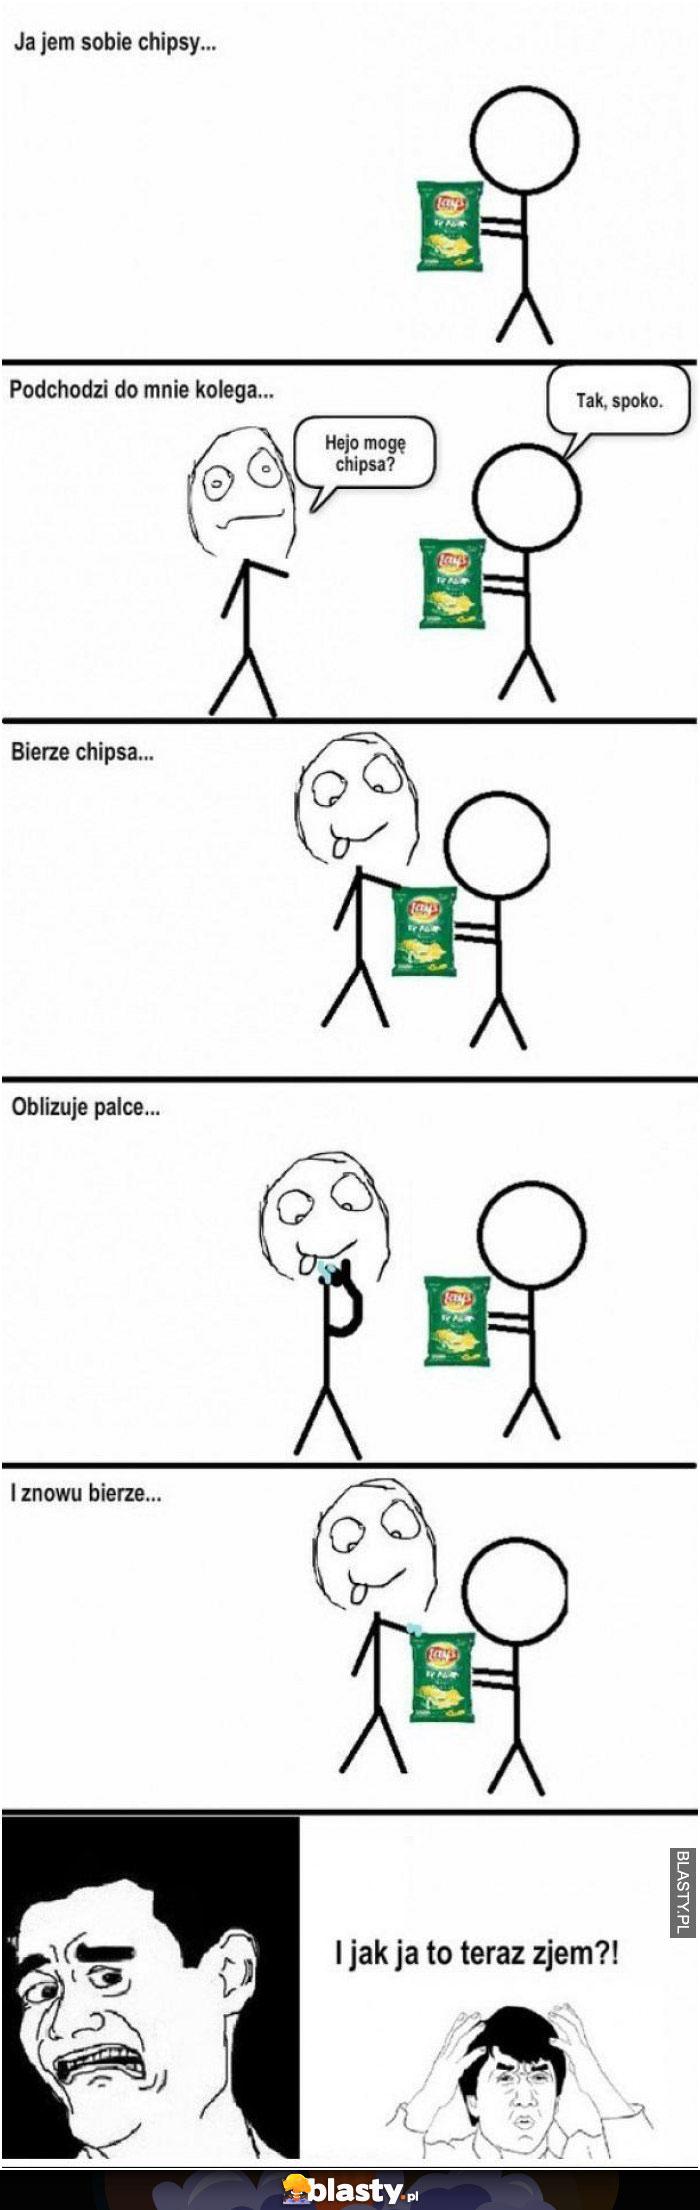 Jak jedzą chipsy moi koledzy